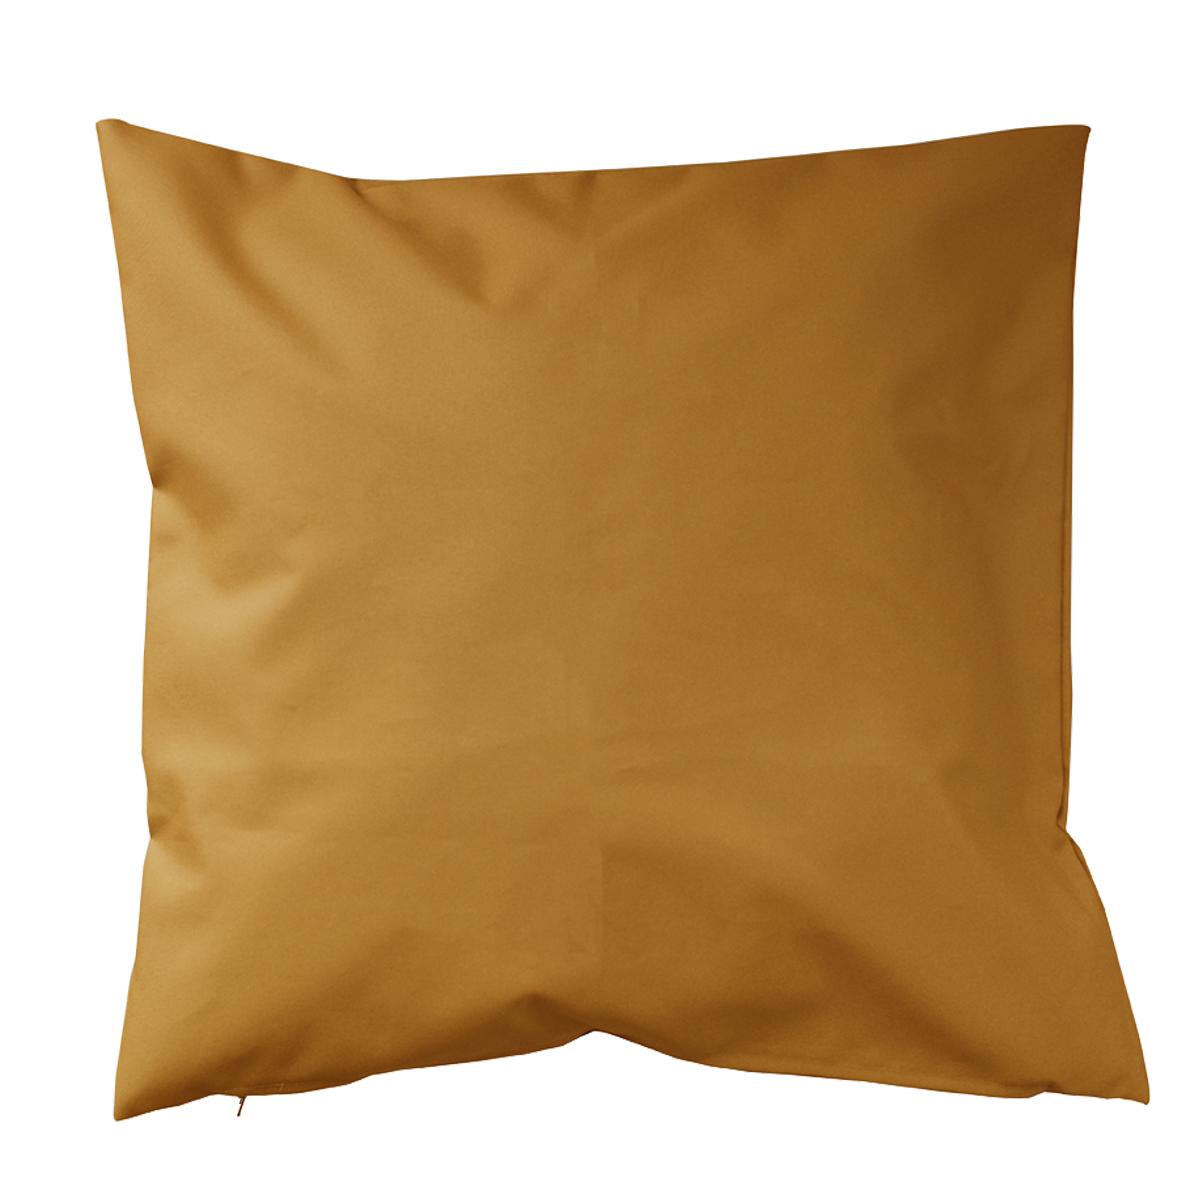 Housse de coussin d'extérieur en tissu outdoor - Moutarde - 60 x 60 cm